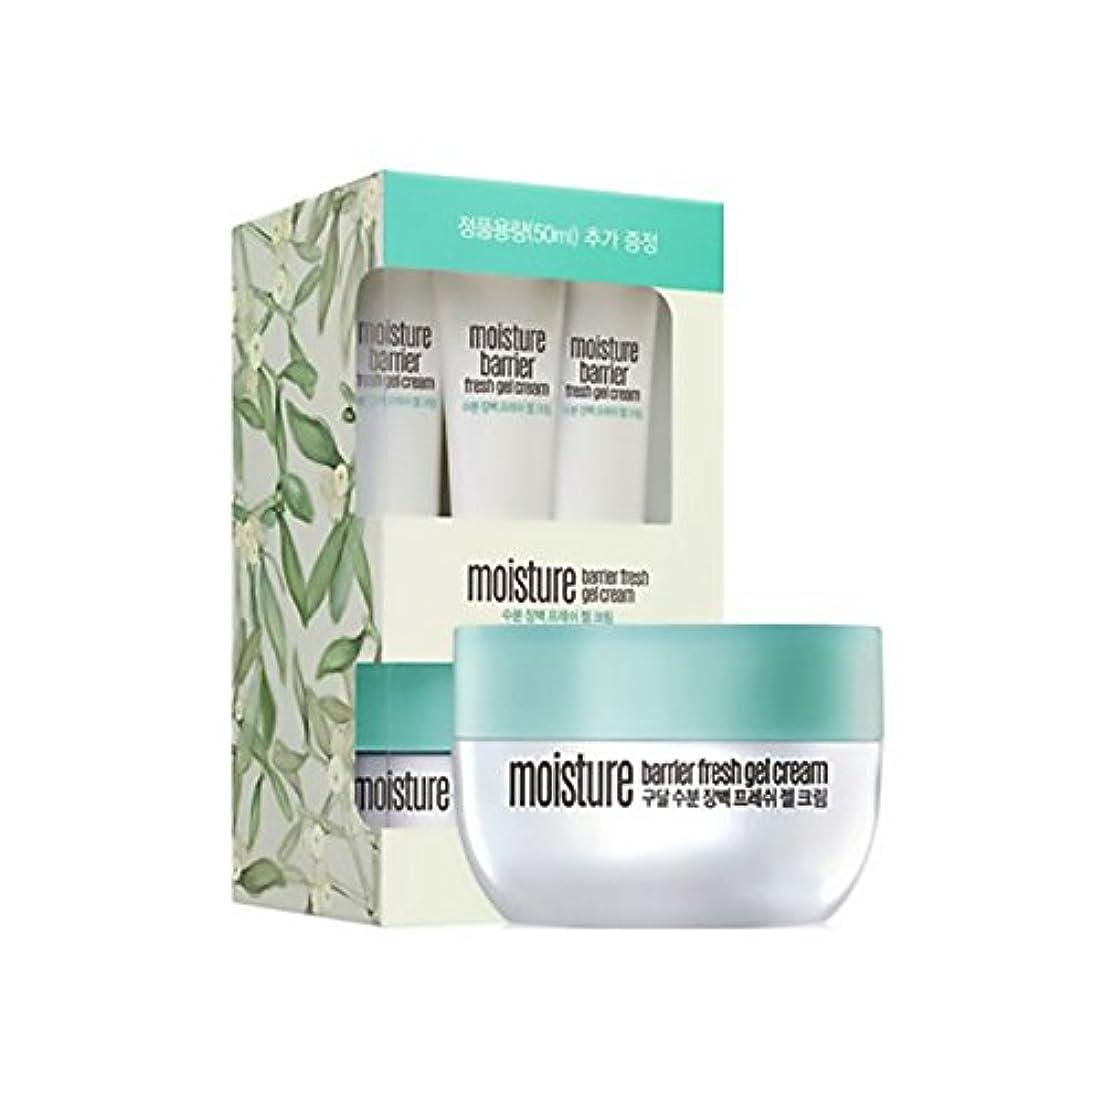 借りている議題ヒステリックgoodal moisture barrier fresh gel cream set